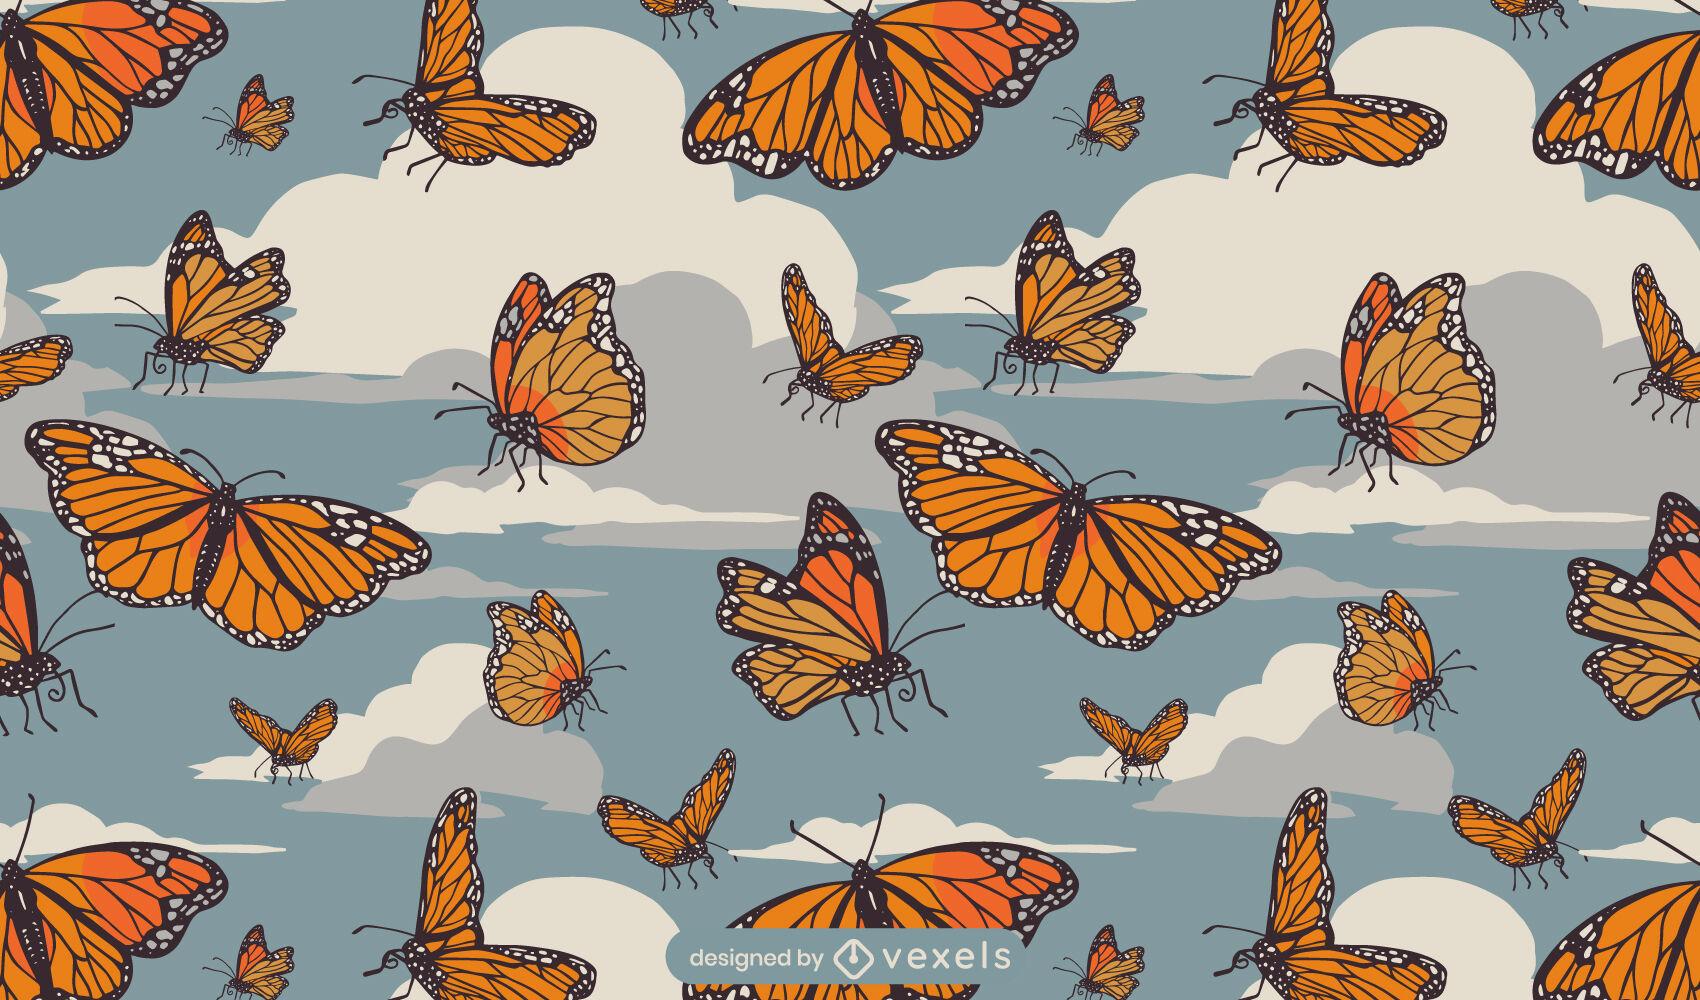 Insetos borboletas voando no design do padr?o da natureza